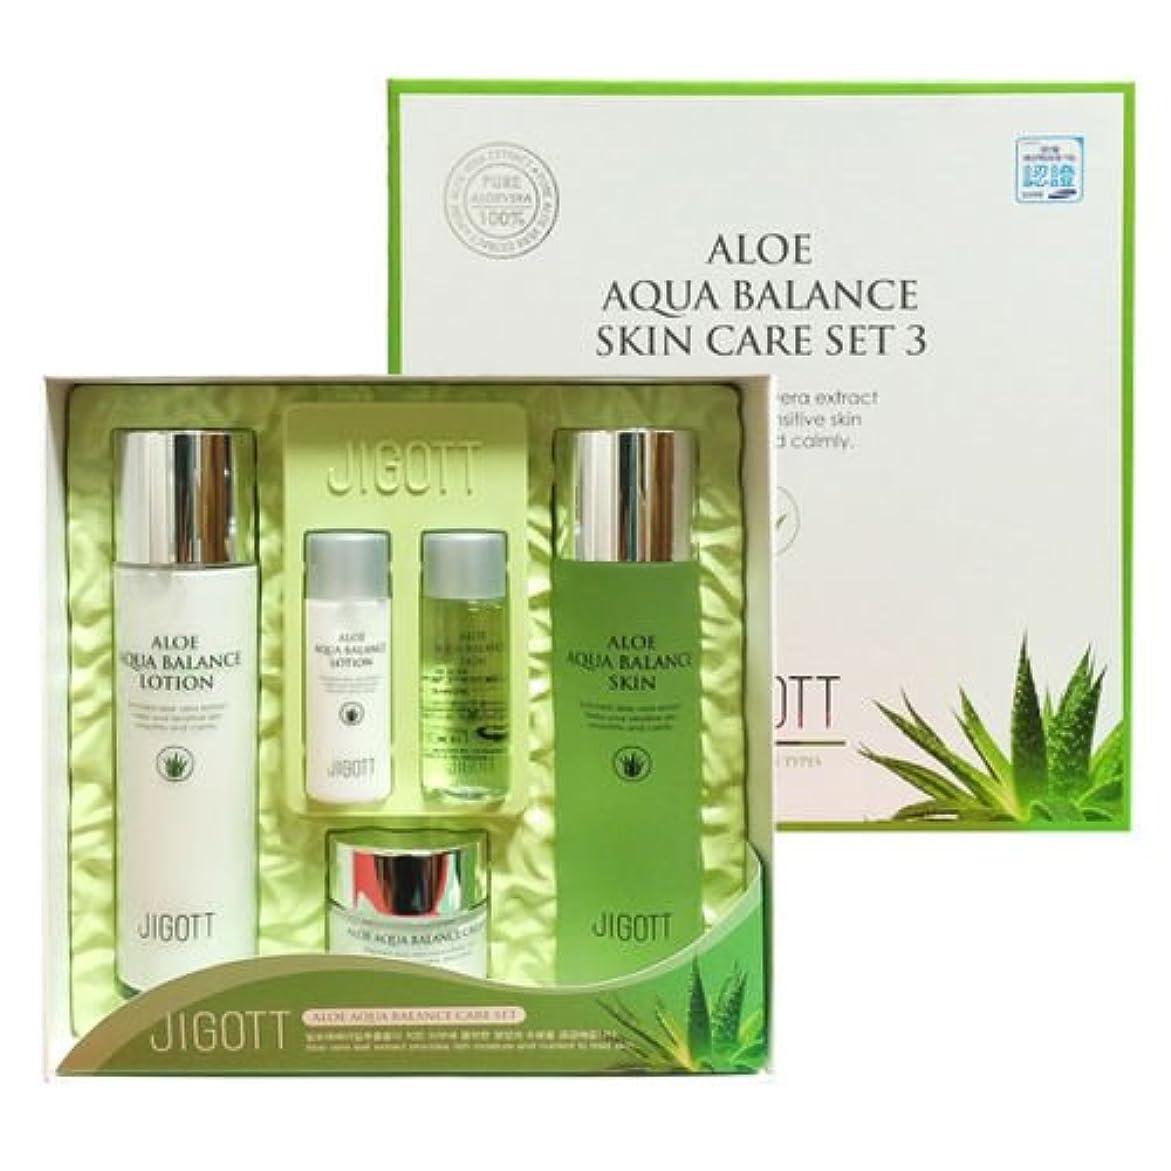 ドームジュース悪質なジゴトゥ[韓国コスメJigott]Aloe Aqua Balance Skin Care 3 Set アロエアクアバランススキンケア3セット樹液,乳液,クリーム [並行輸入品]